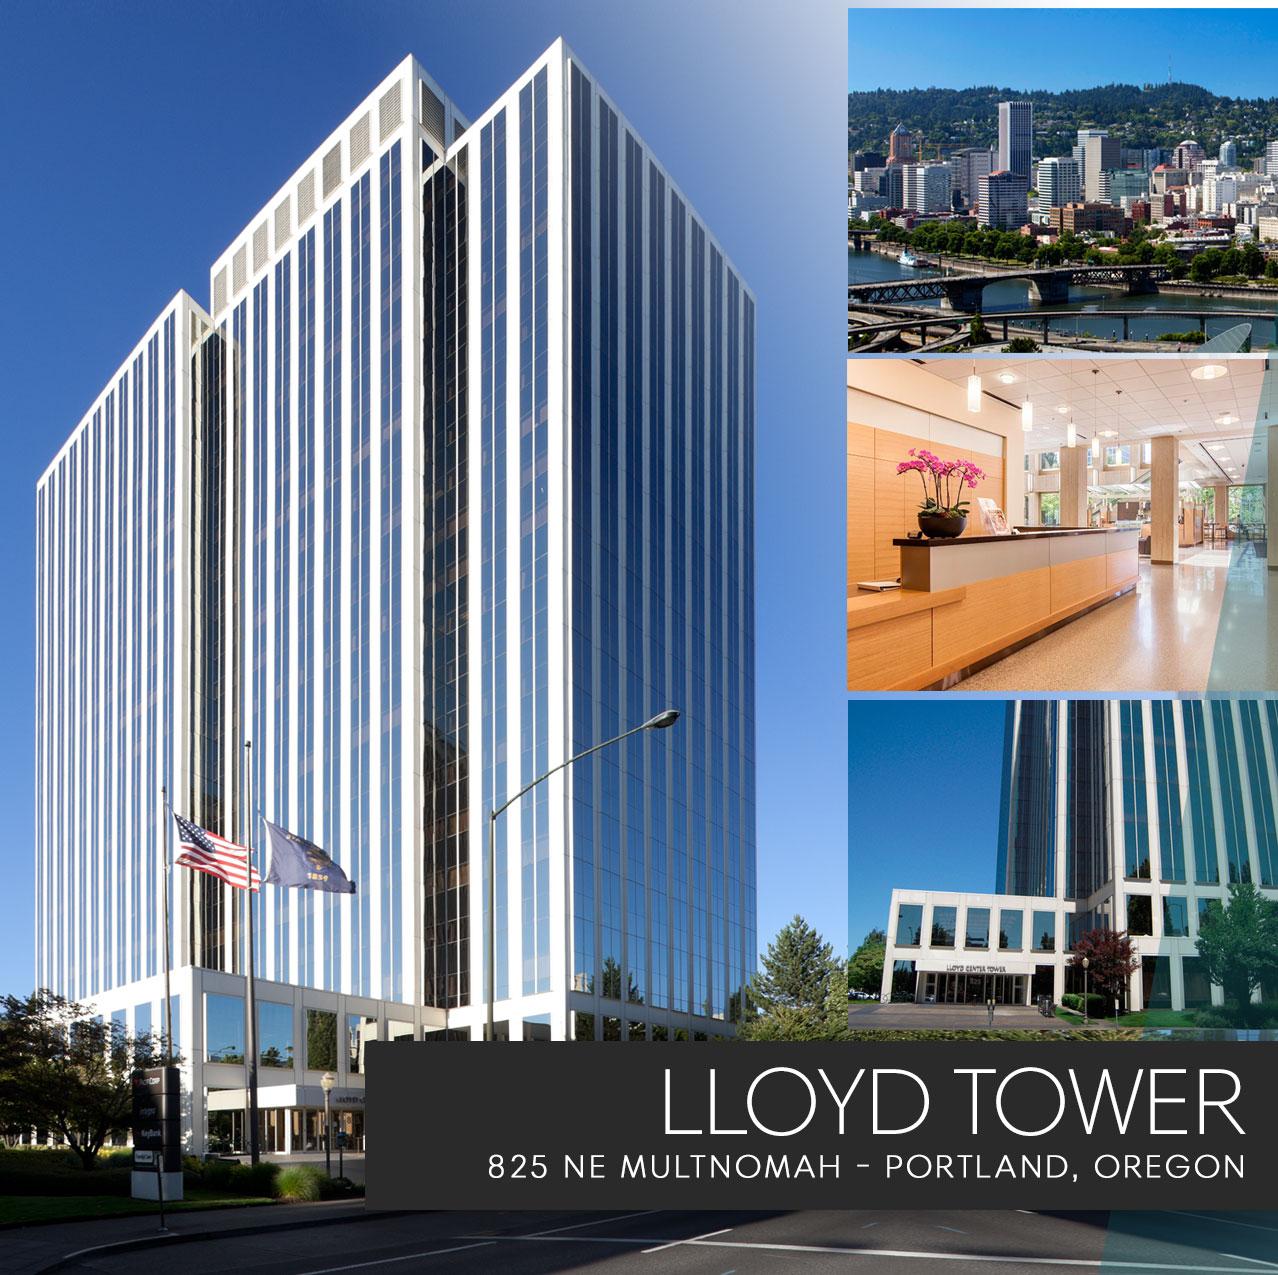 Lloyd Tower